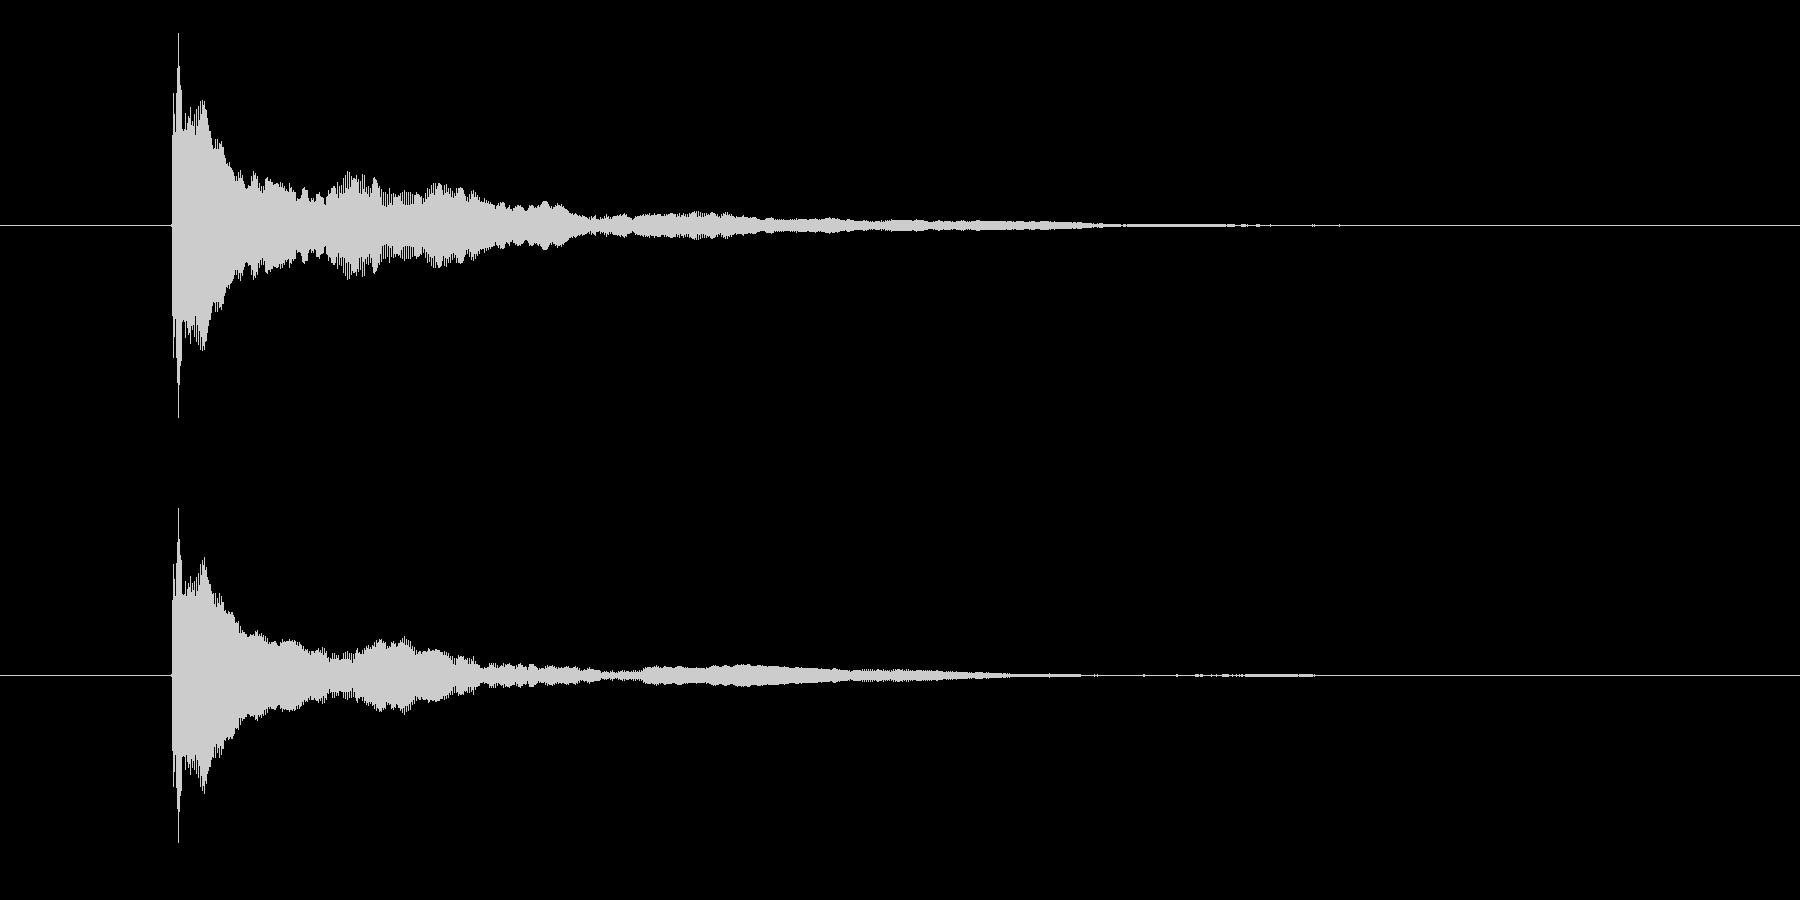 ポーン(物が跳ねる音)の未再生の波形